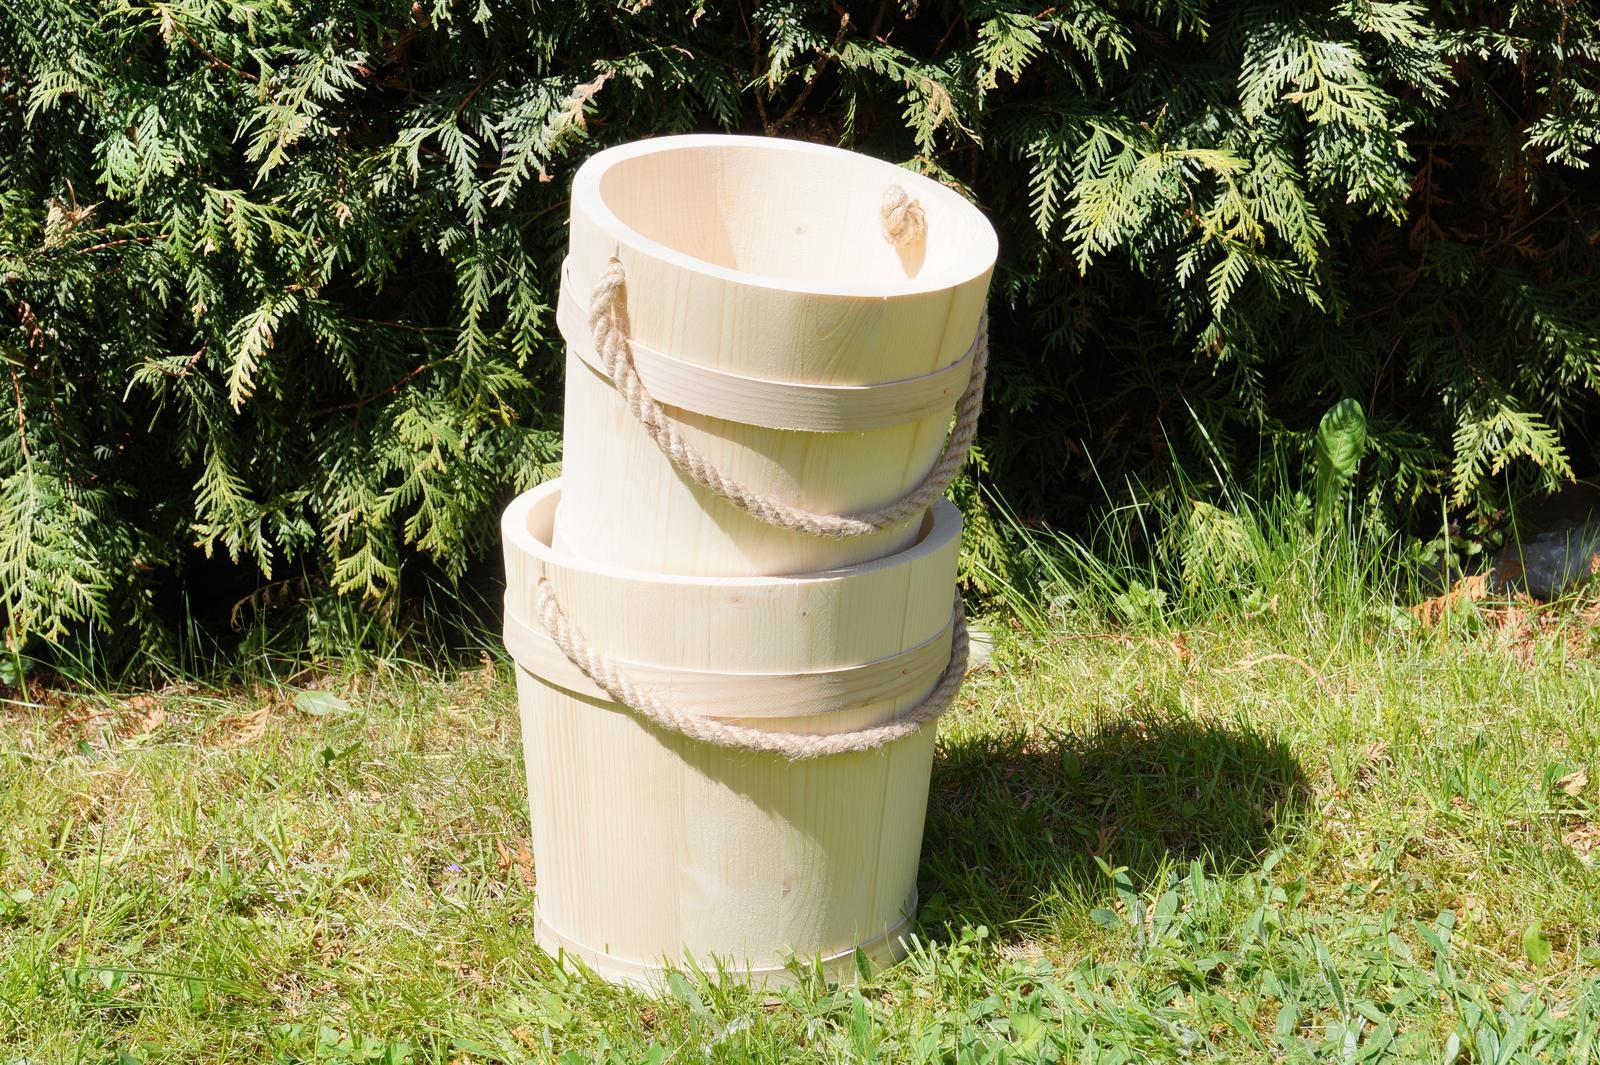 Drevené dekoračné vedro 3,5L - Obrázok č. 1